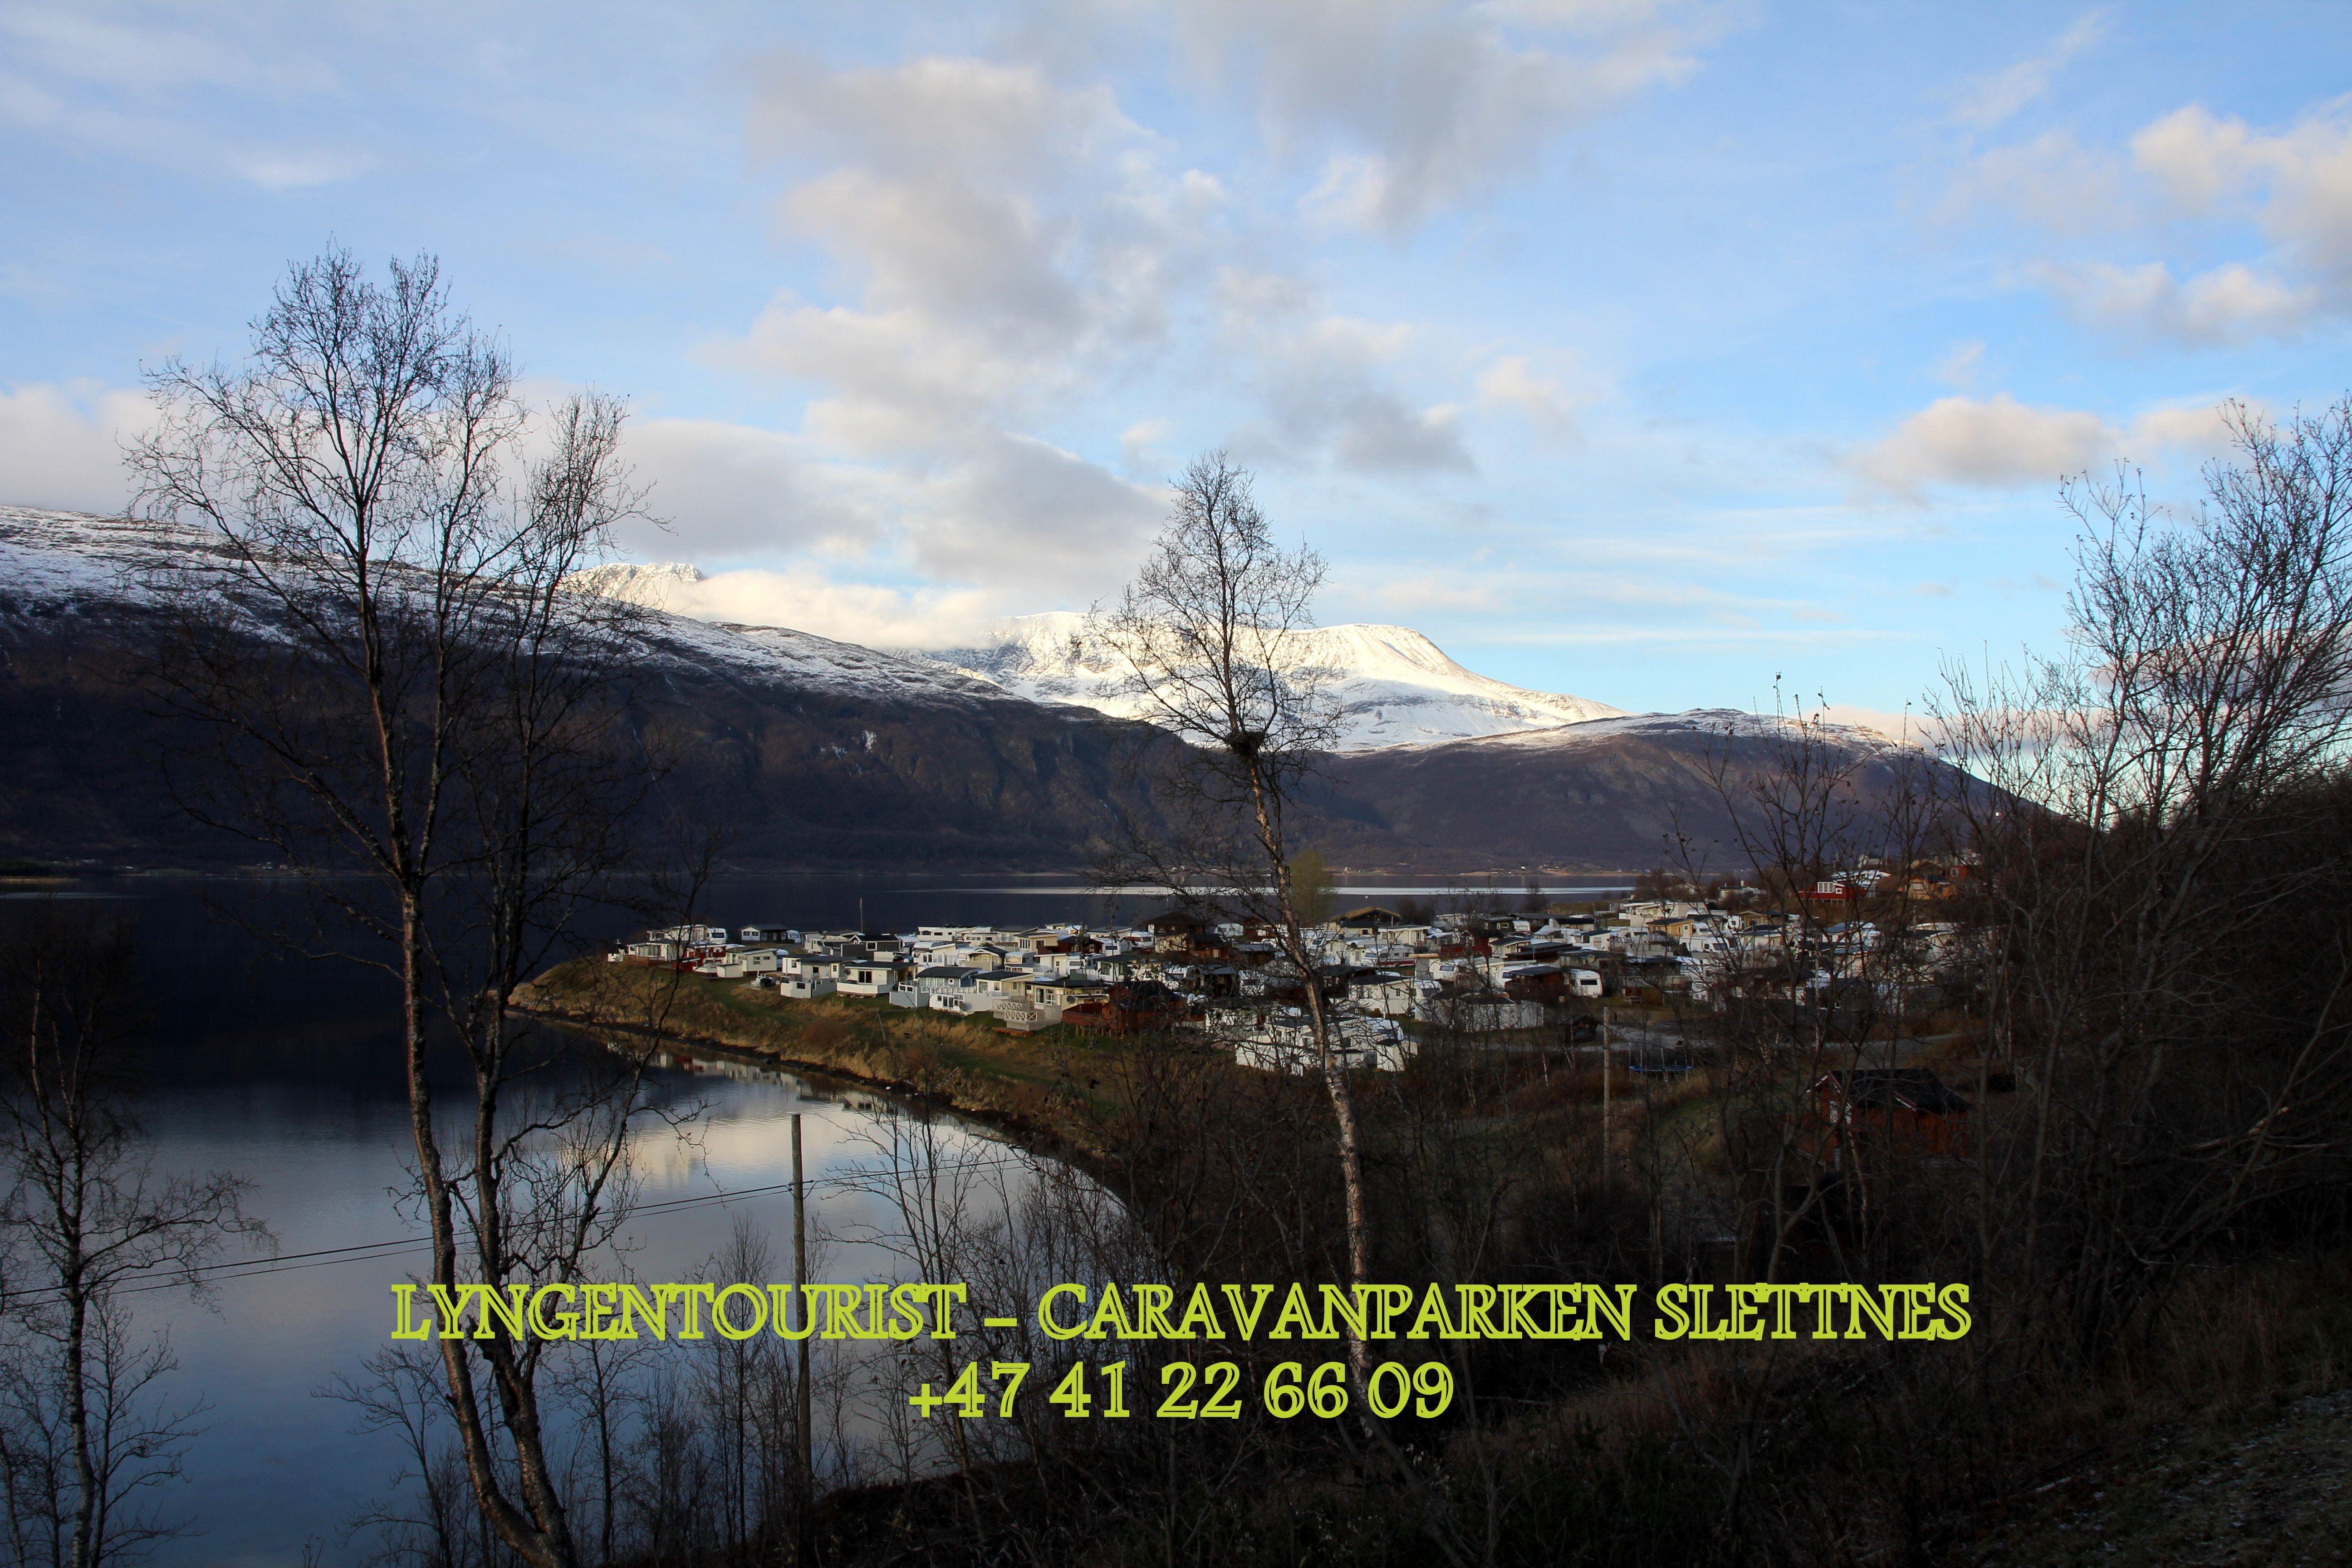 Caravanparken Slettnes